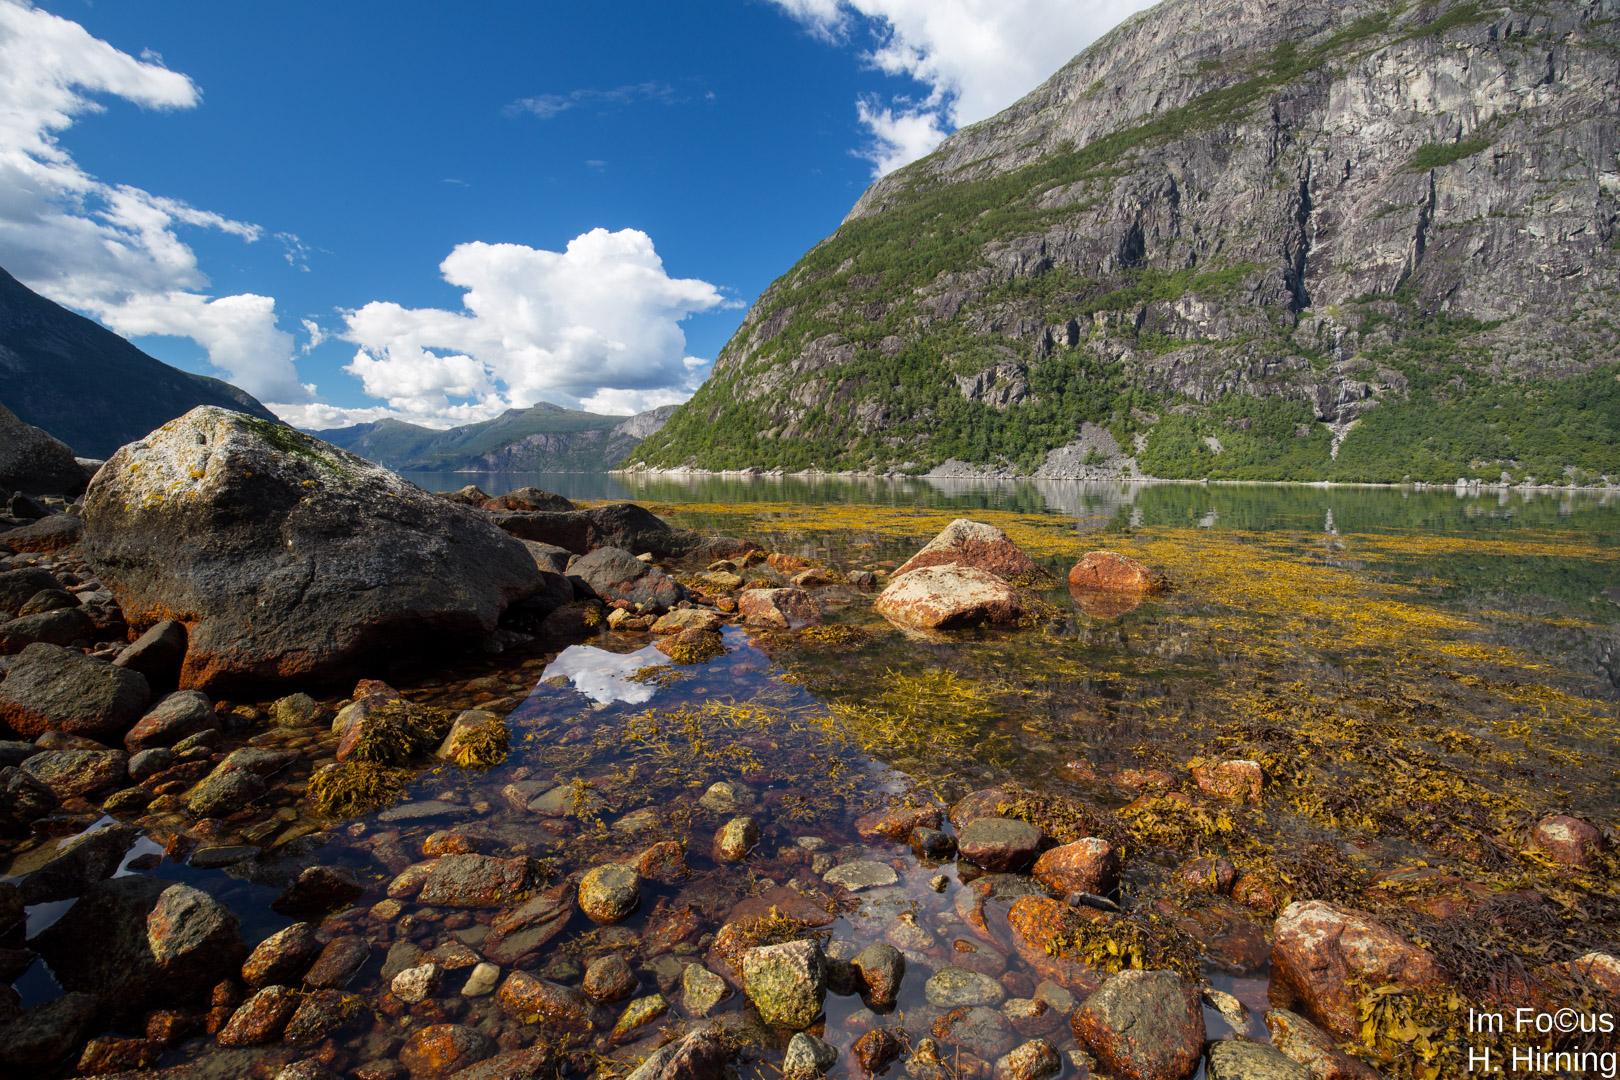 Am Eidfjord